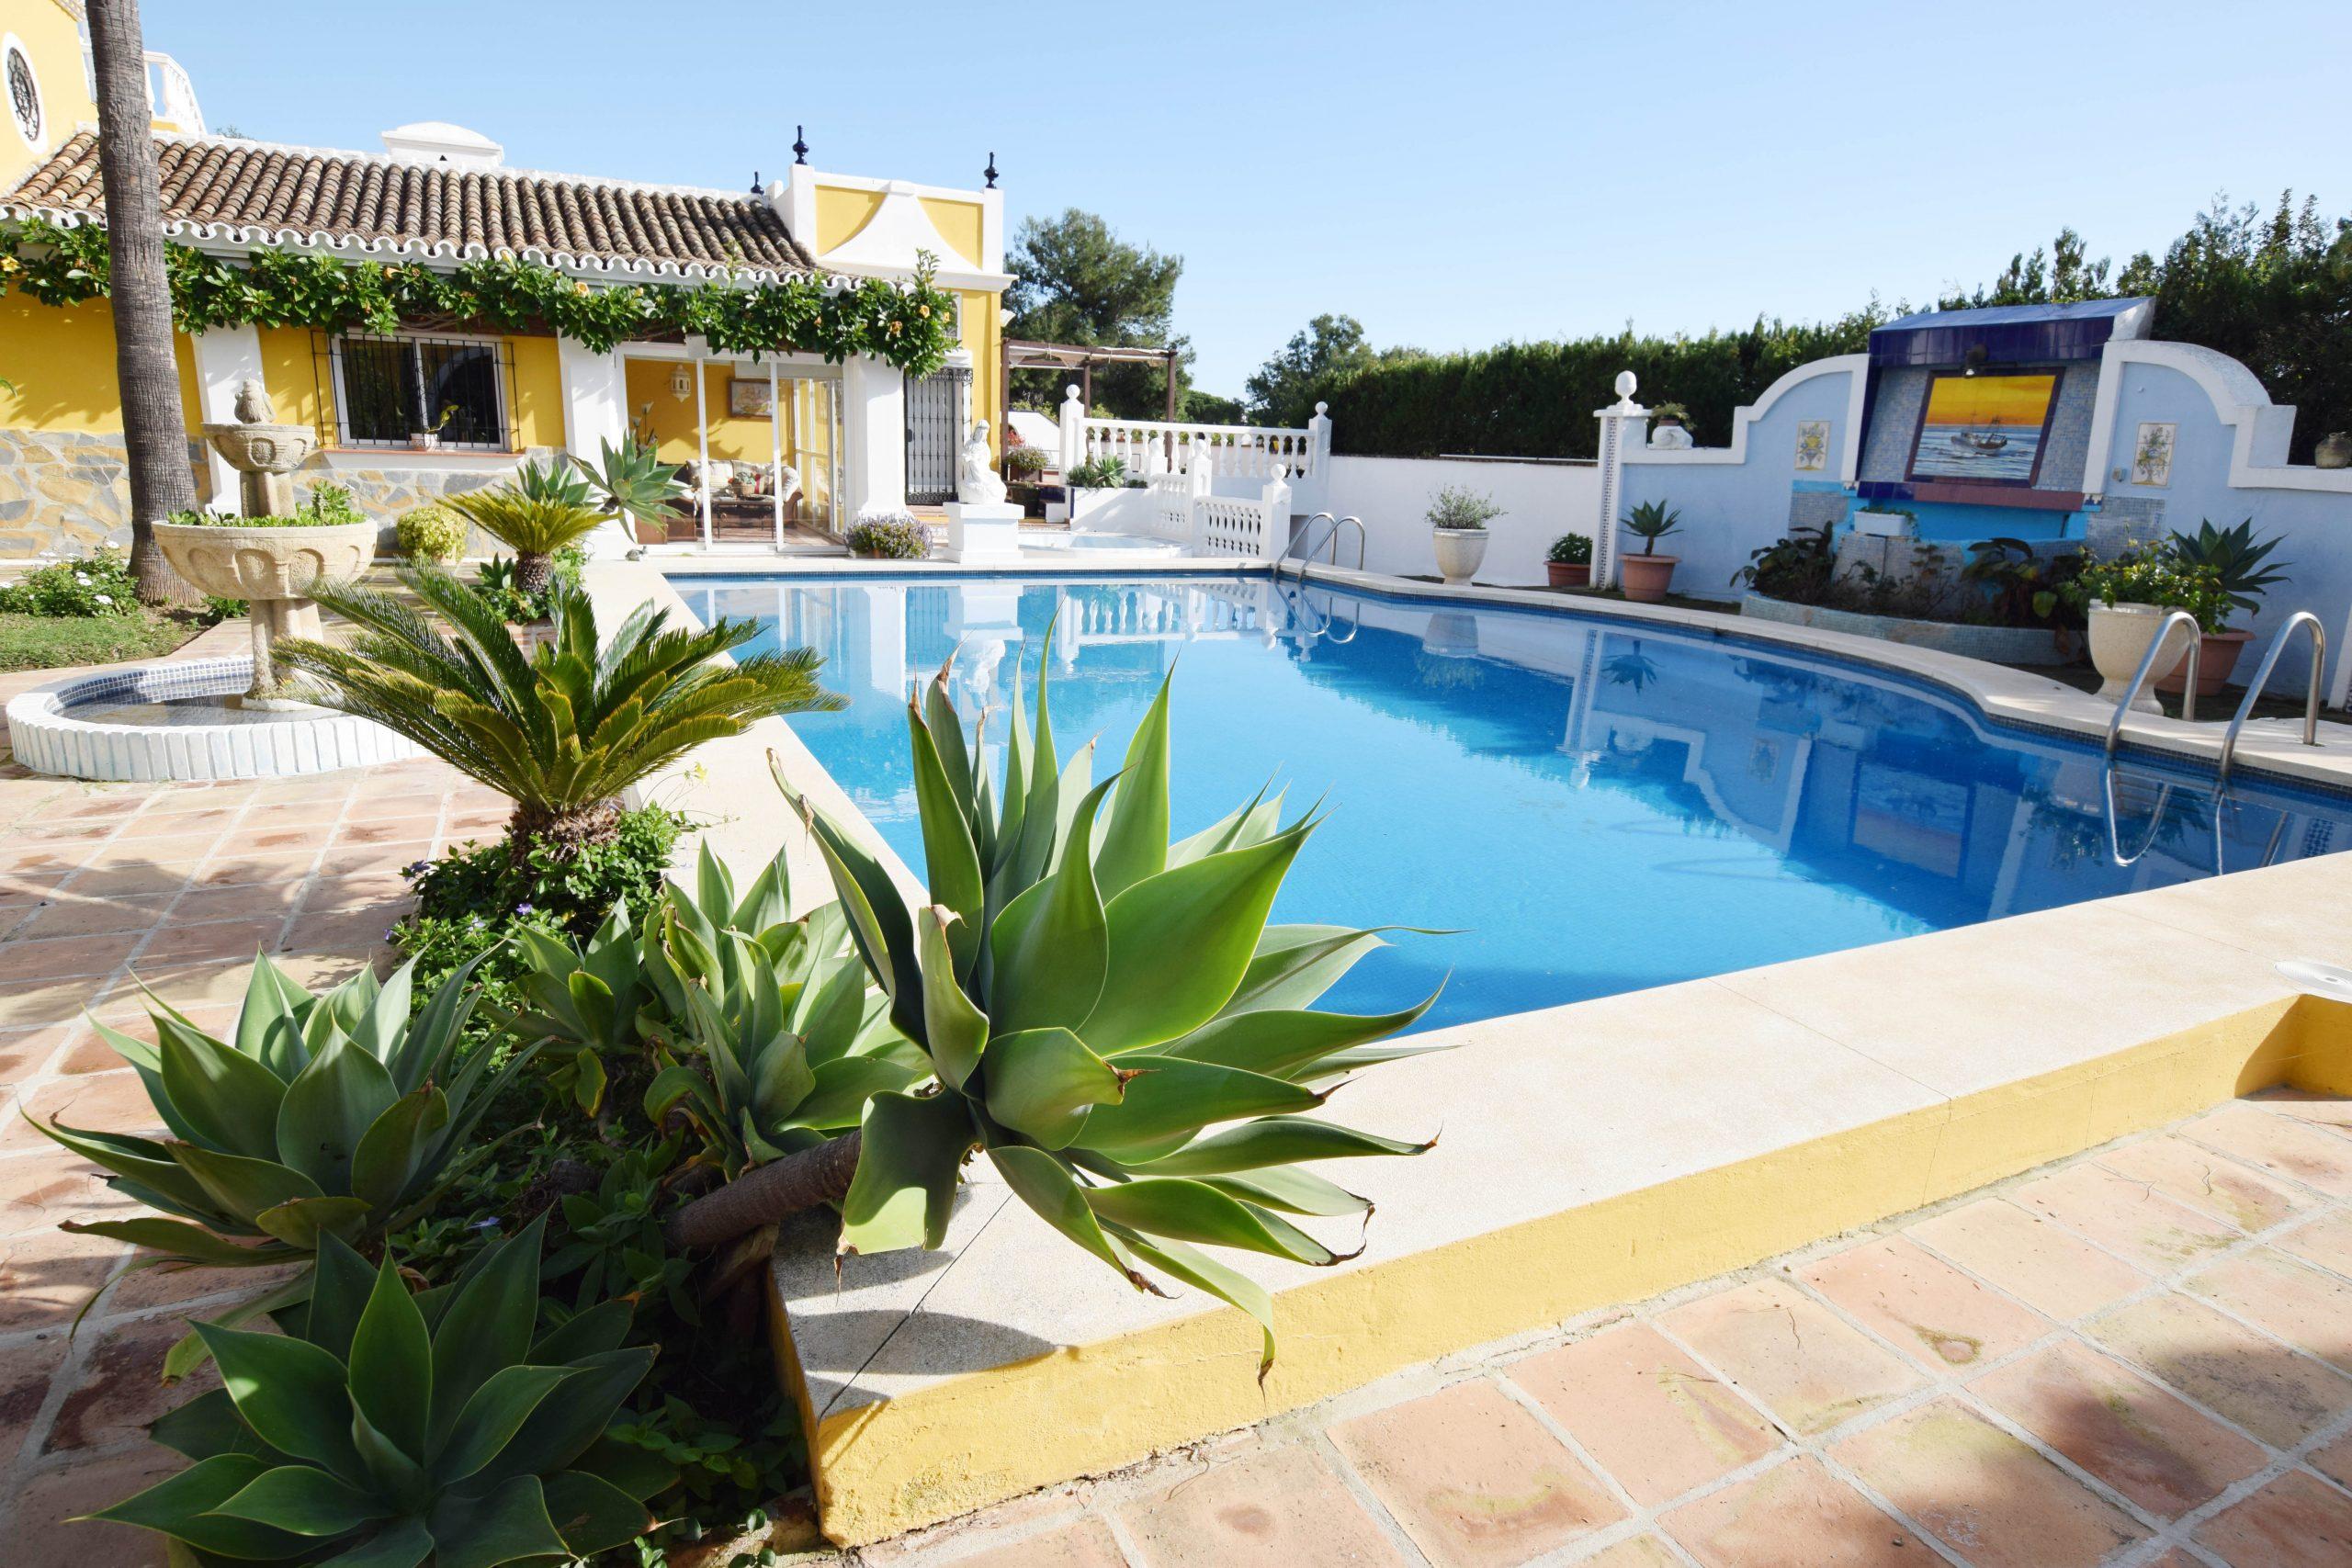 8 bedroom villa to let in Marbella - Se alquila villa de 8 ...